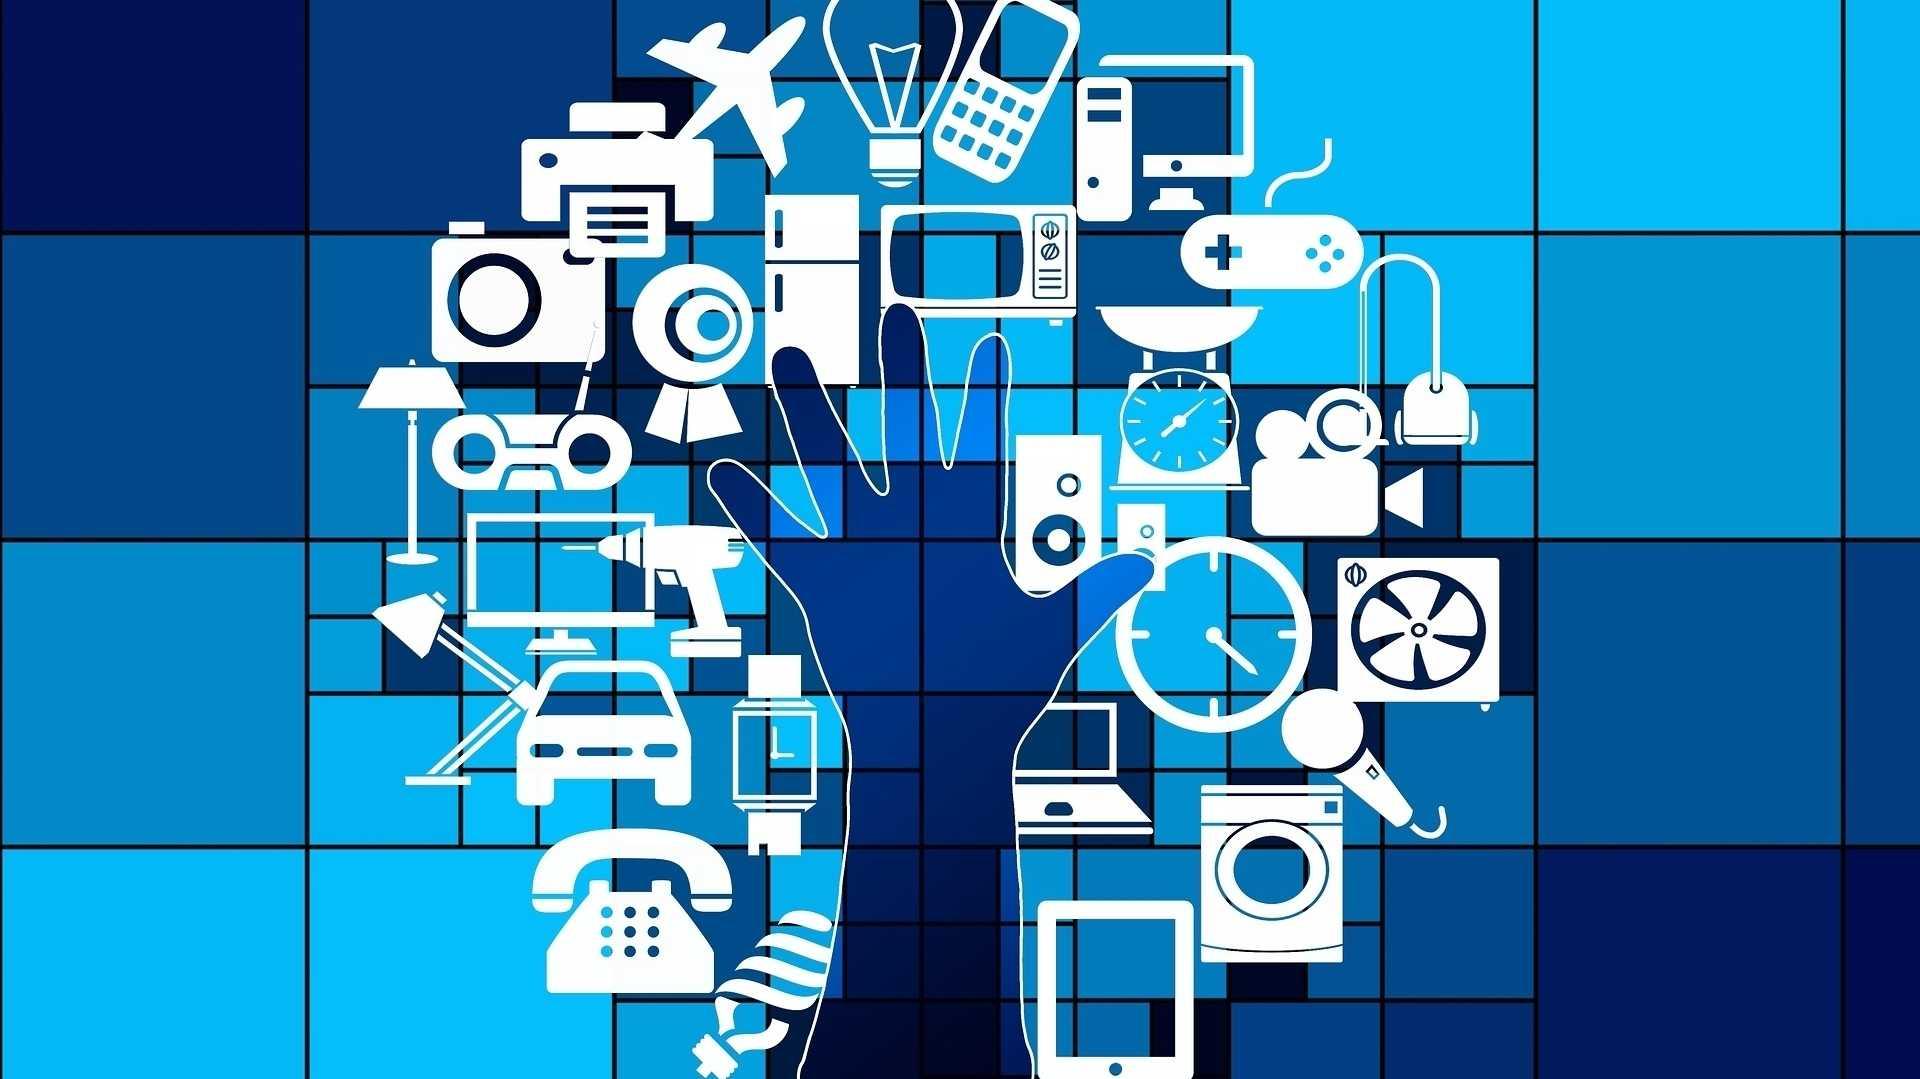 Anwendungen besser testen mit dem AWS IoT Device Simulator